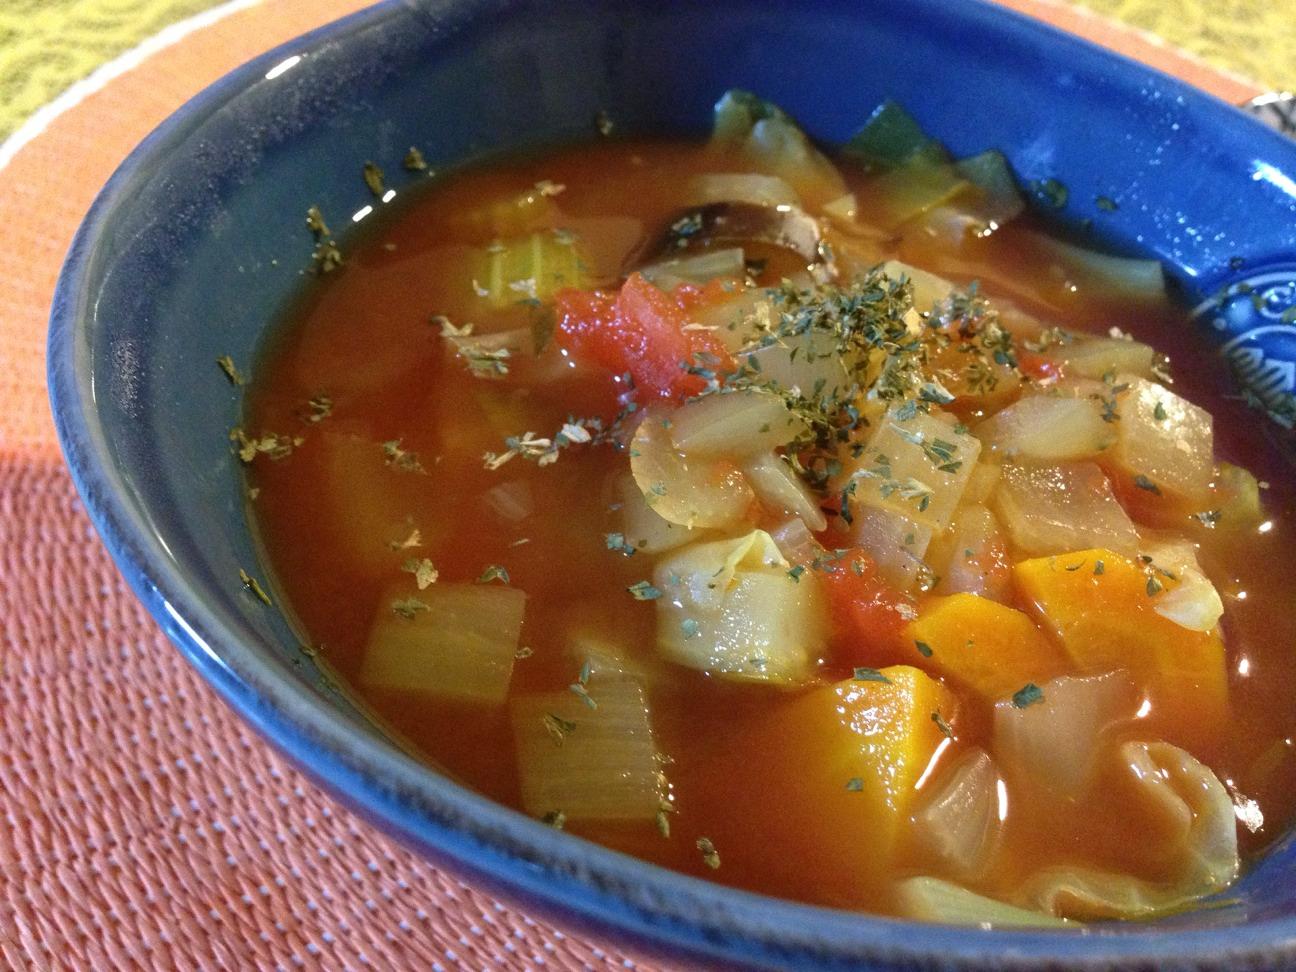 【レシピ】スパイスたっぷり!ダイエットにも効果的なトマトスープ。